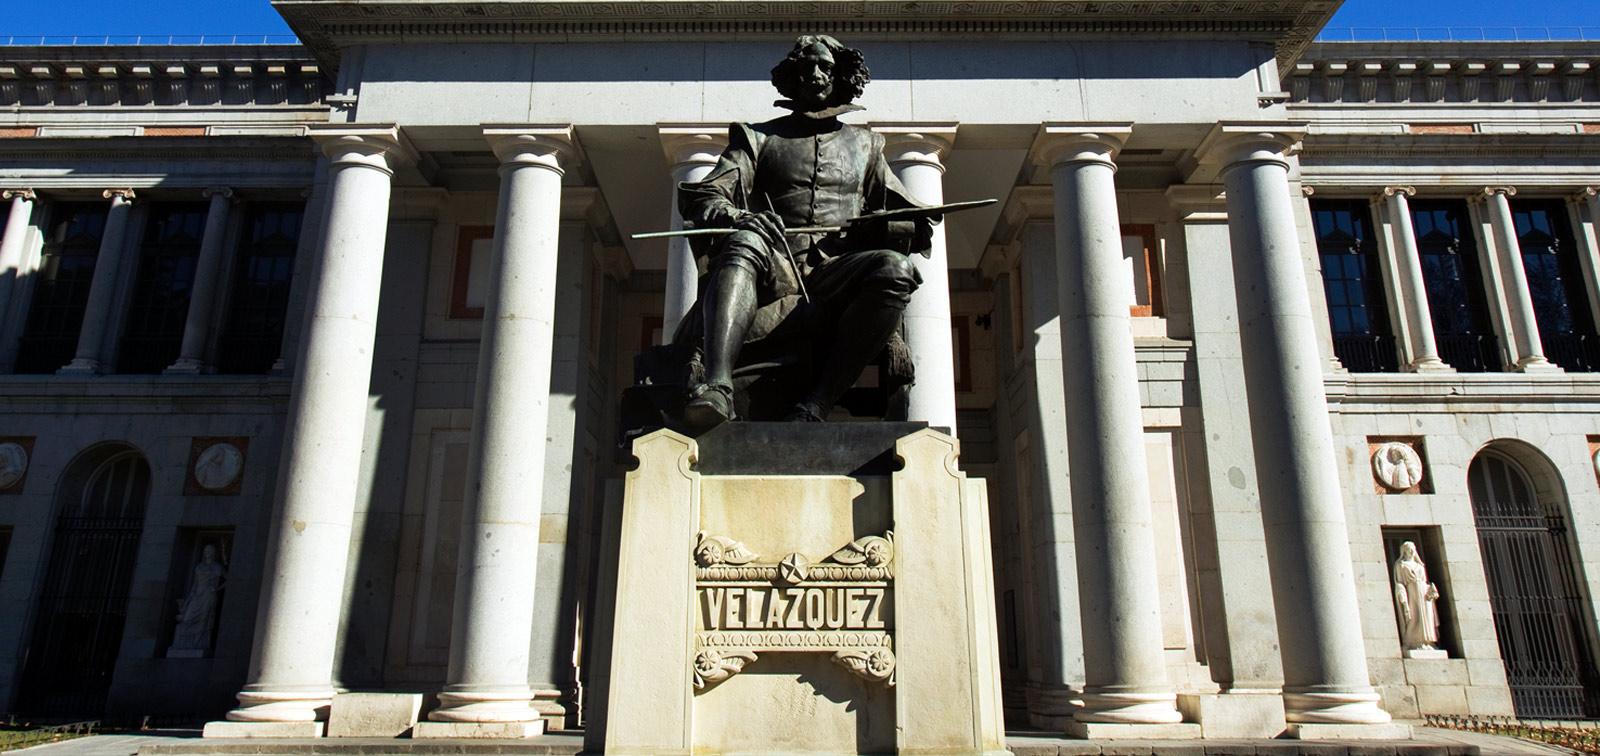 Exposición. Velázquez en el Museo del Prado